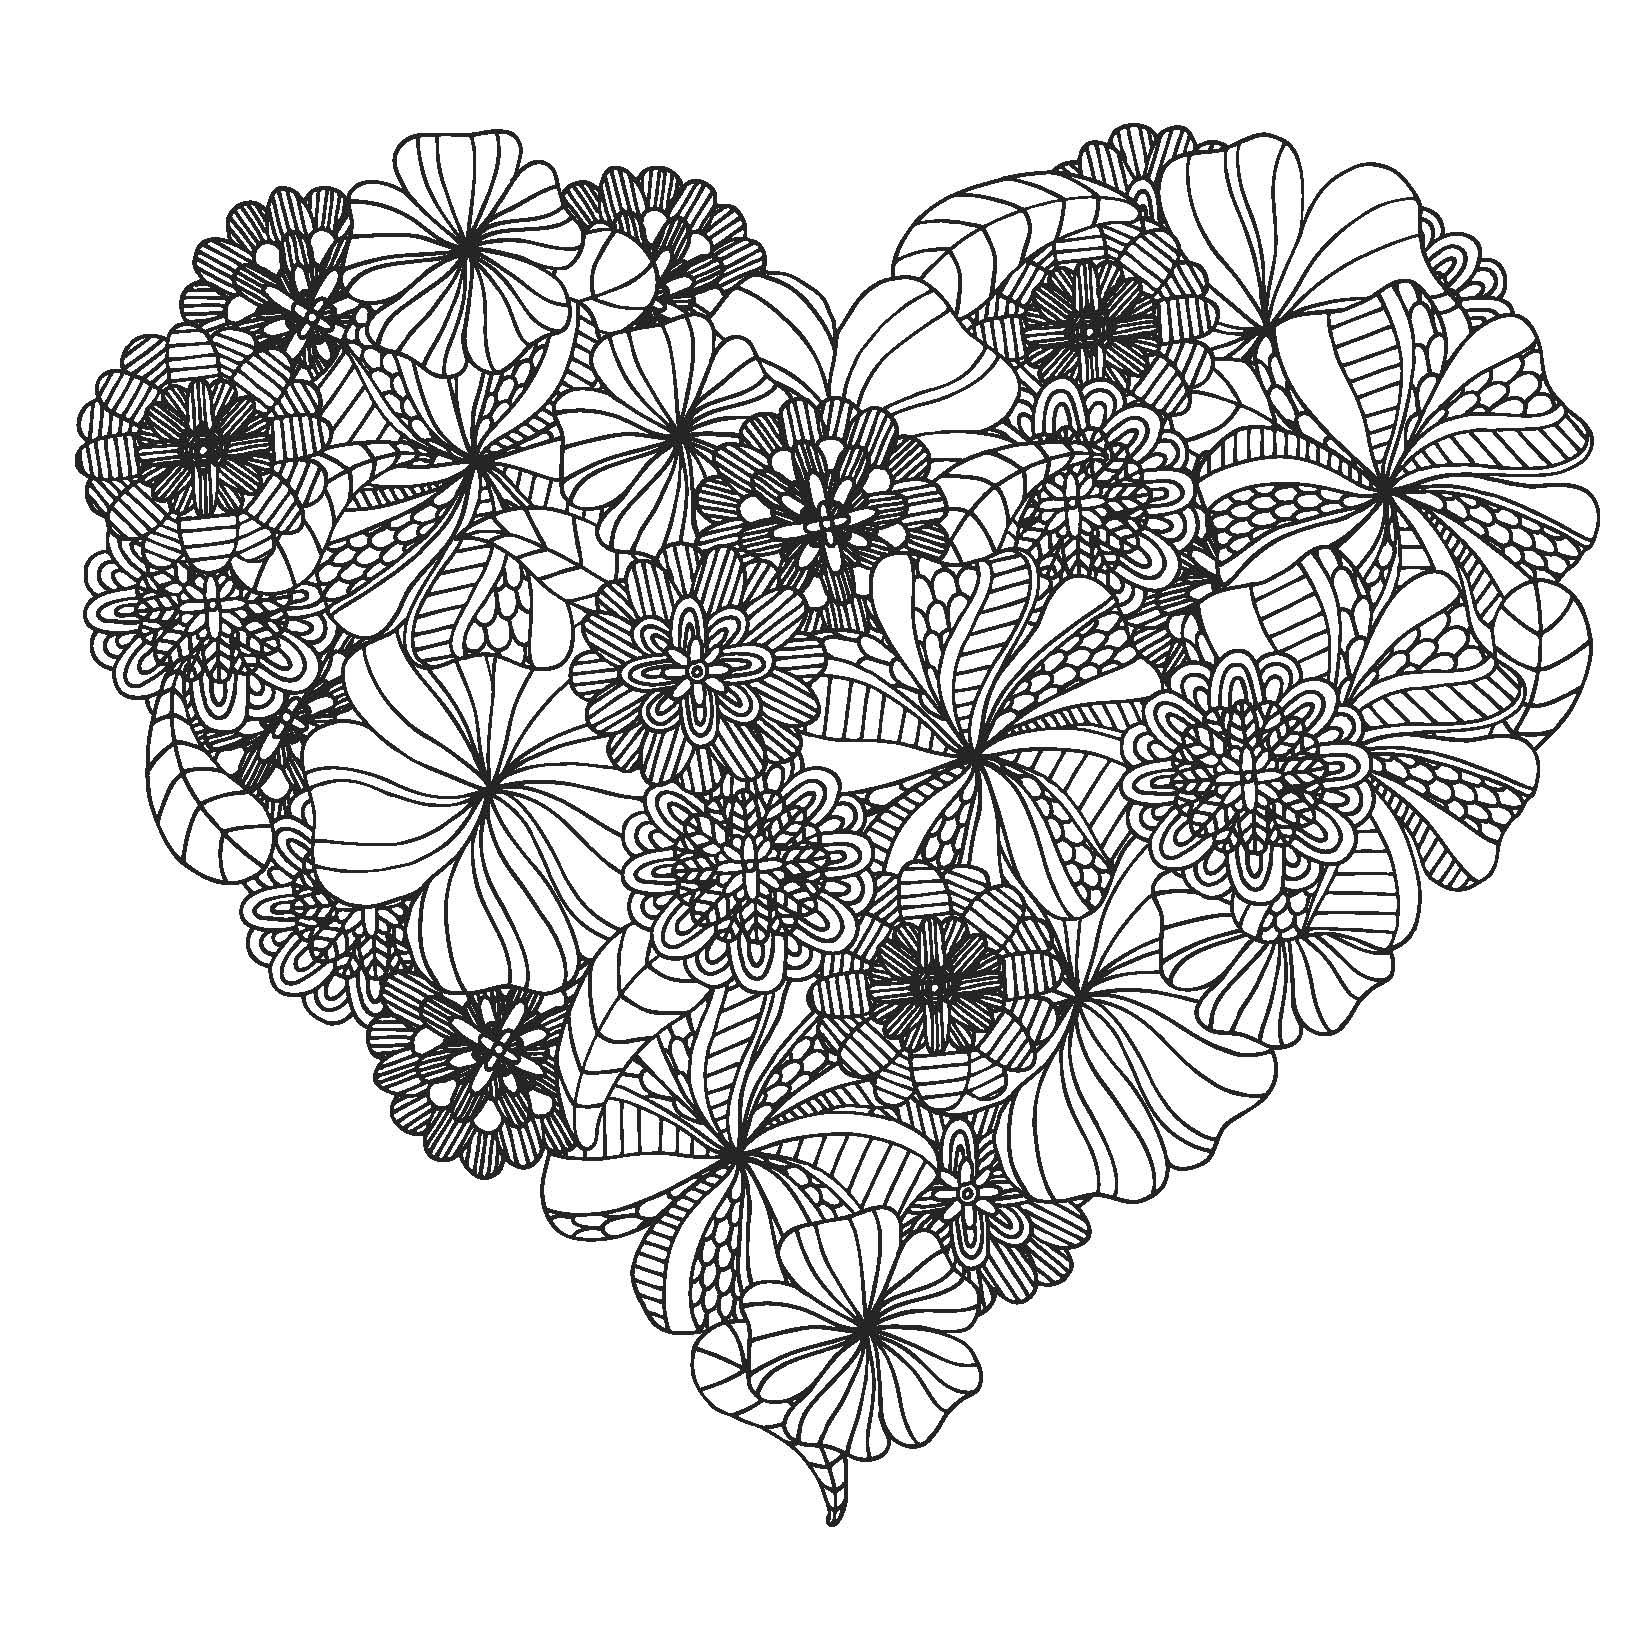 HEARTS_Interior_Page_51.jpg